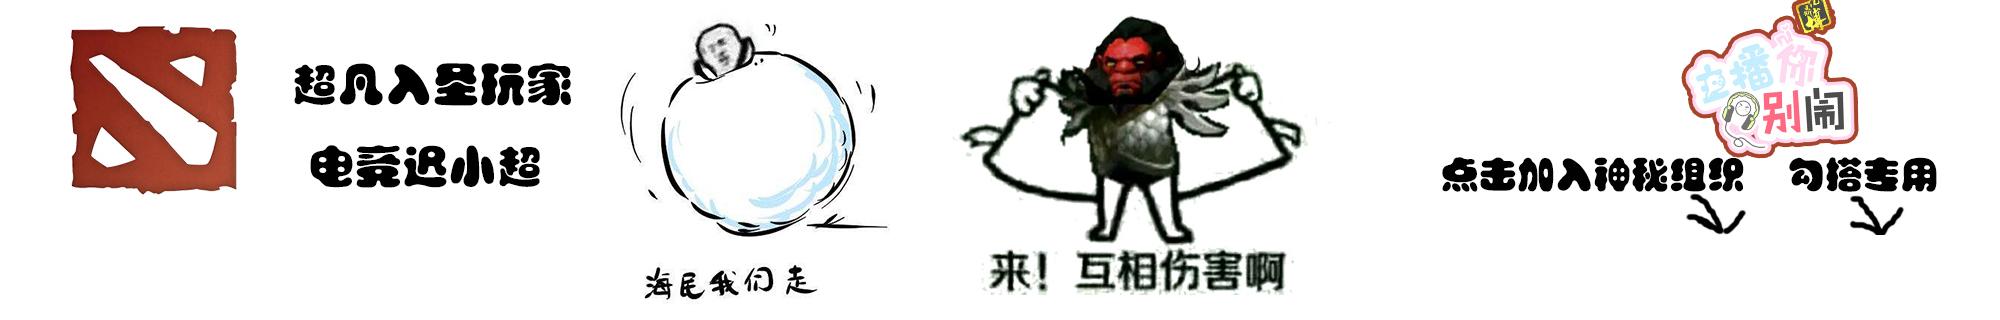 电竞迟小超 banner